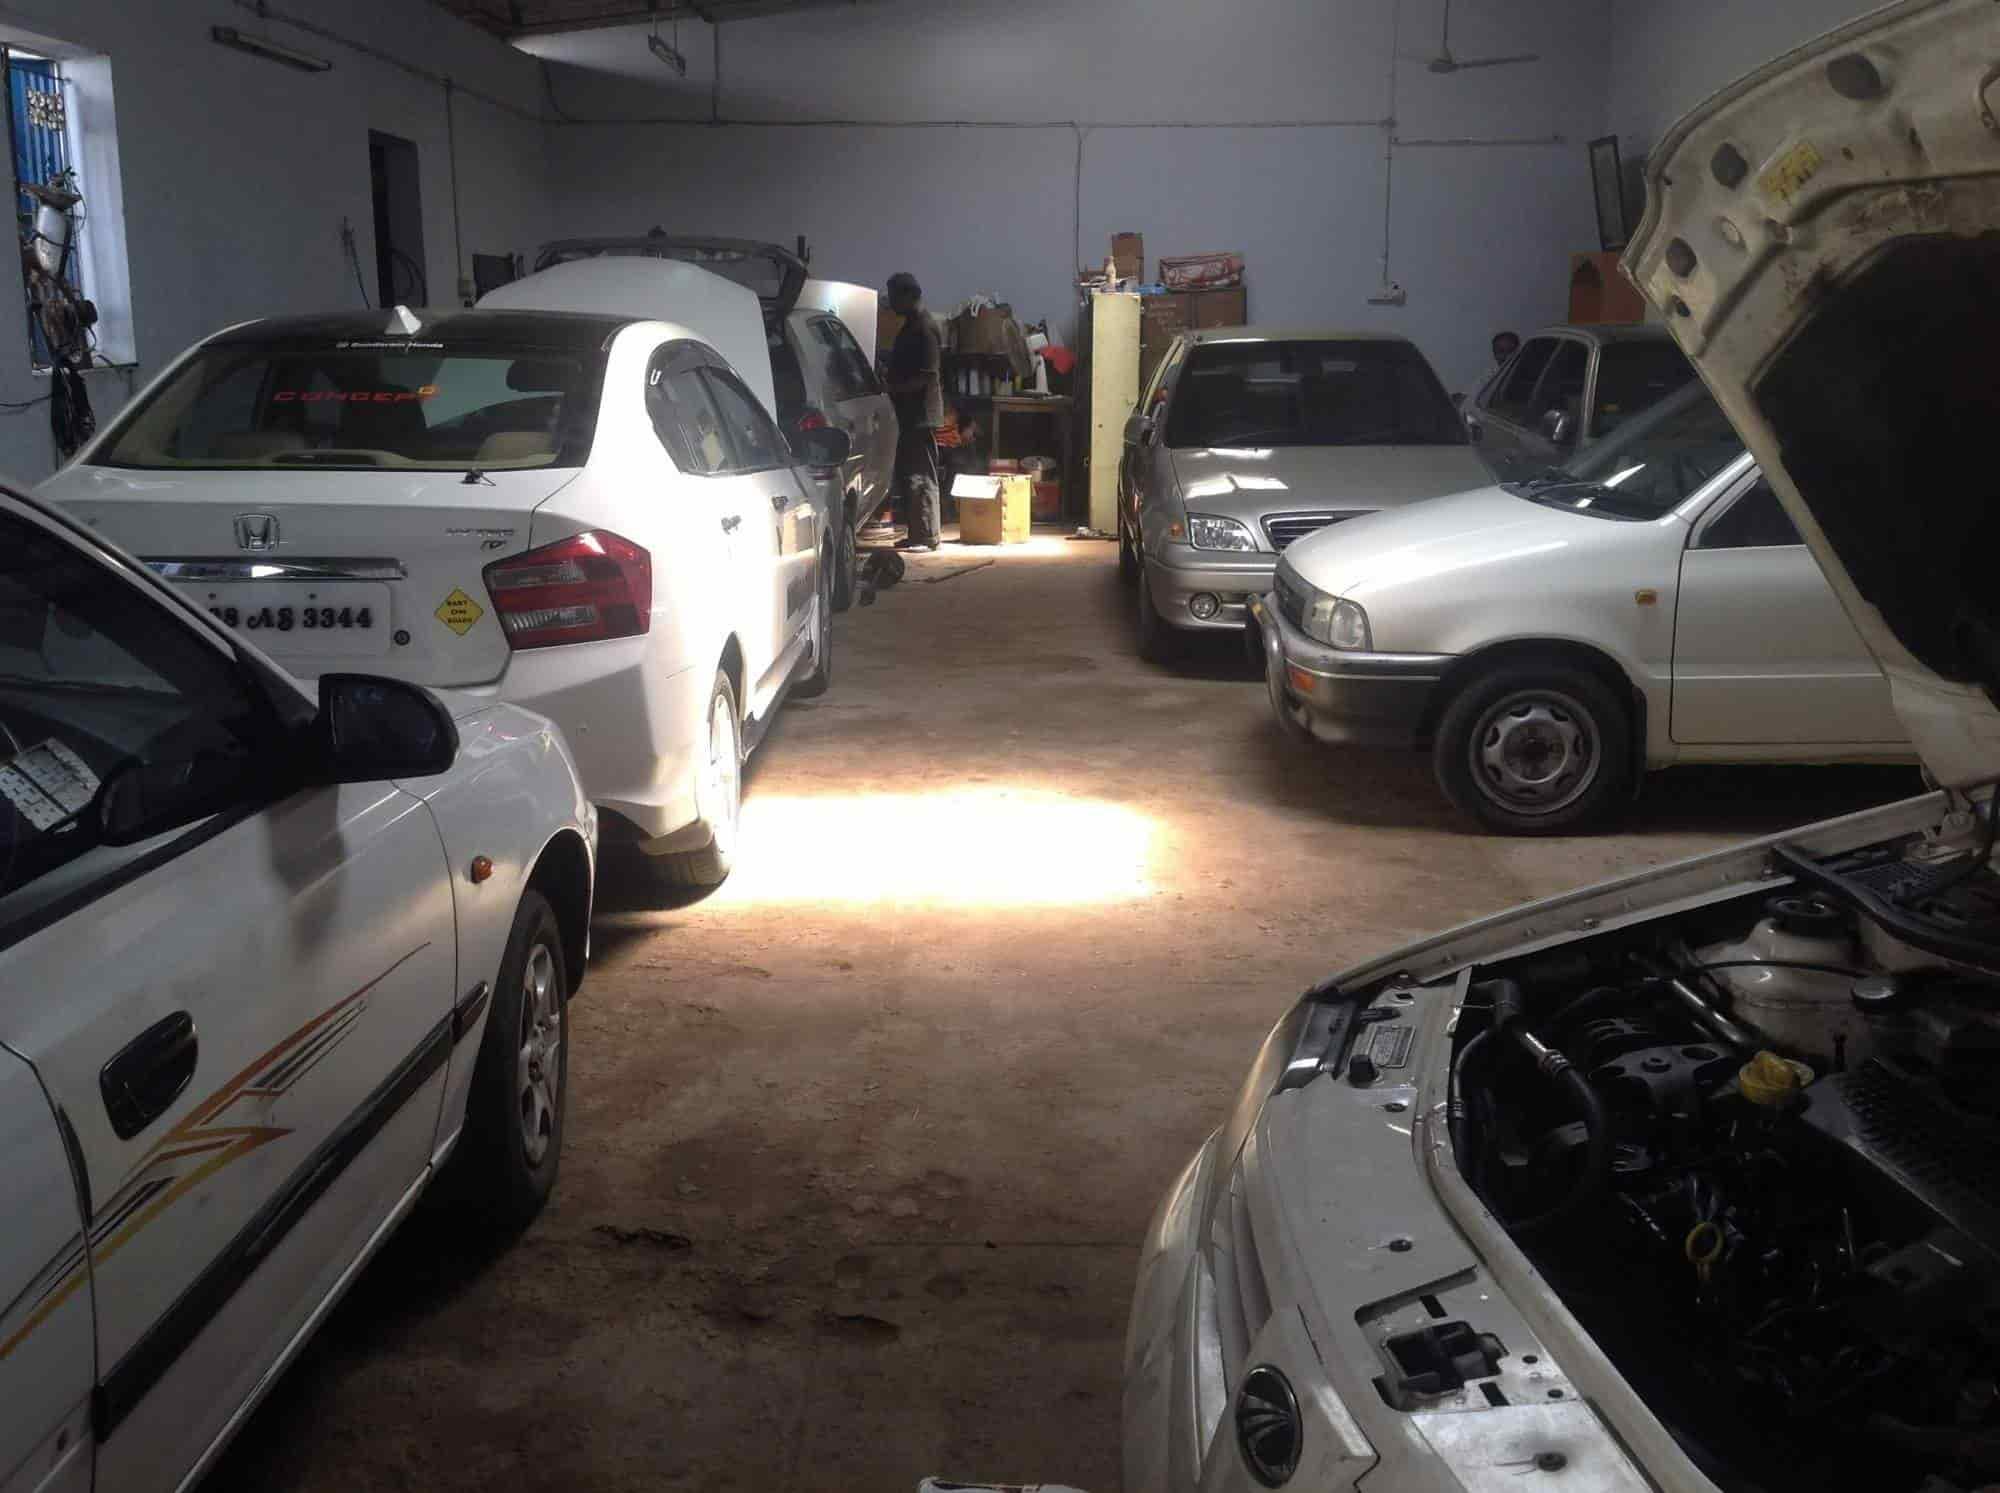 sri guru automobiles, rathinapuri - car repair & services in